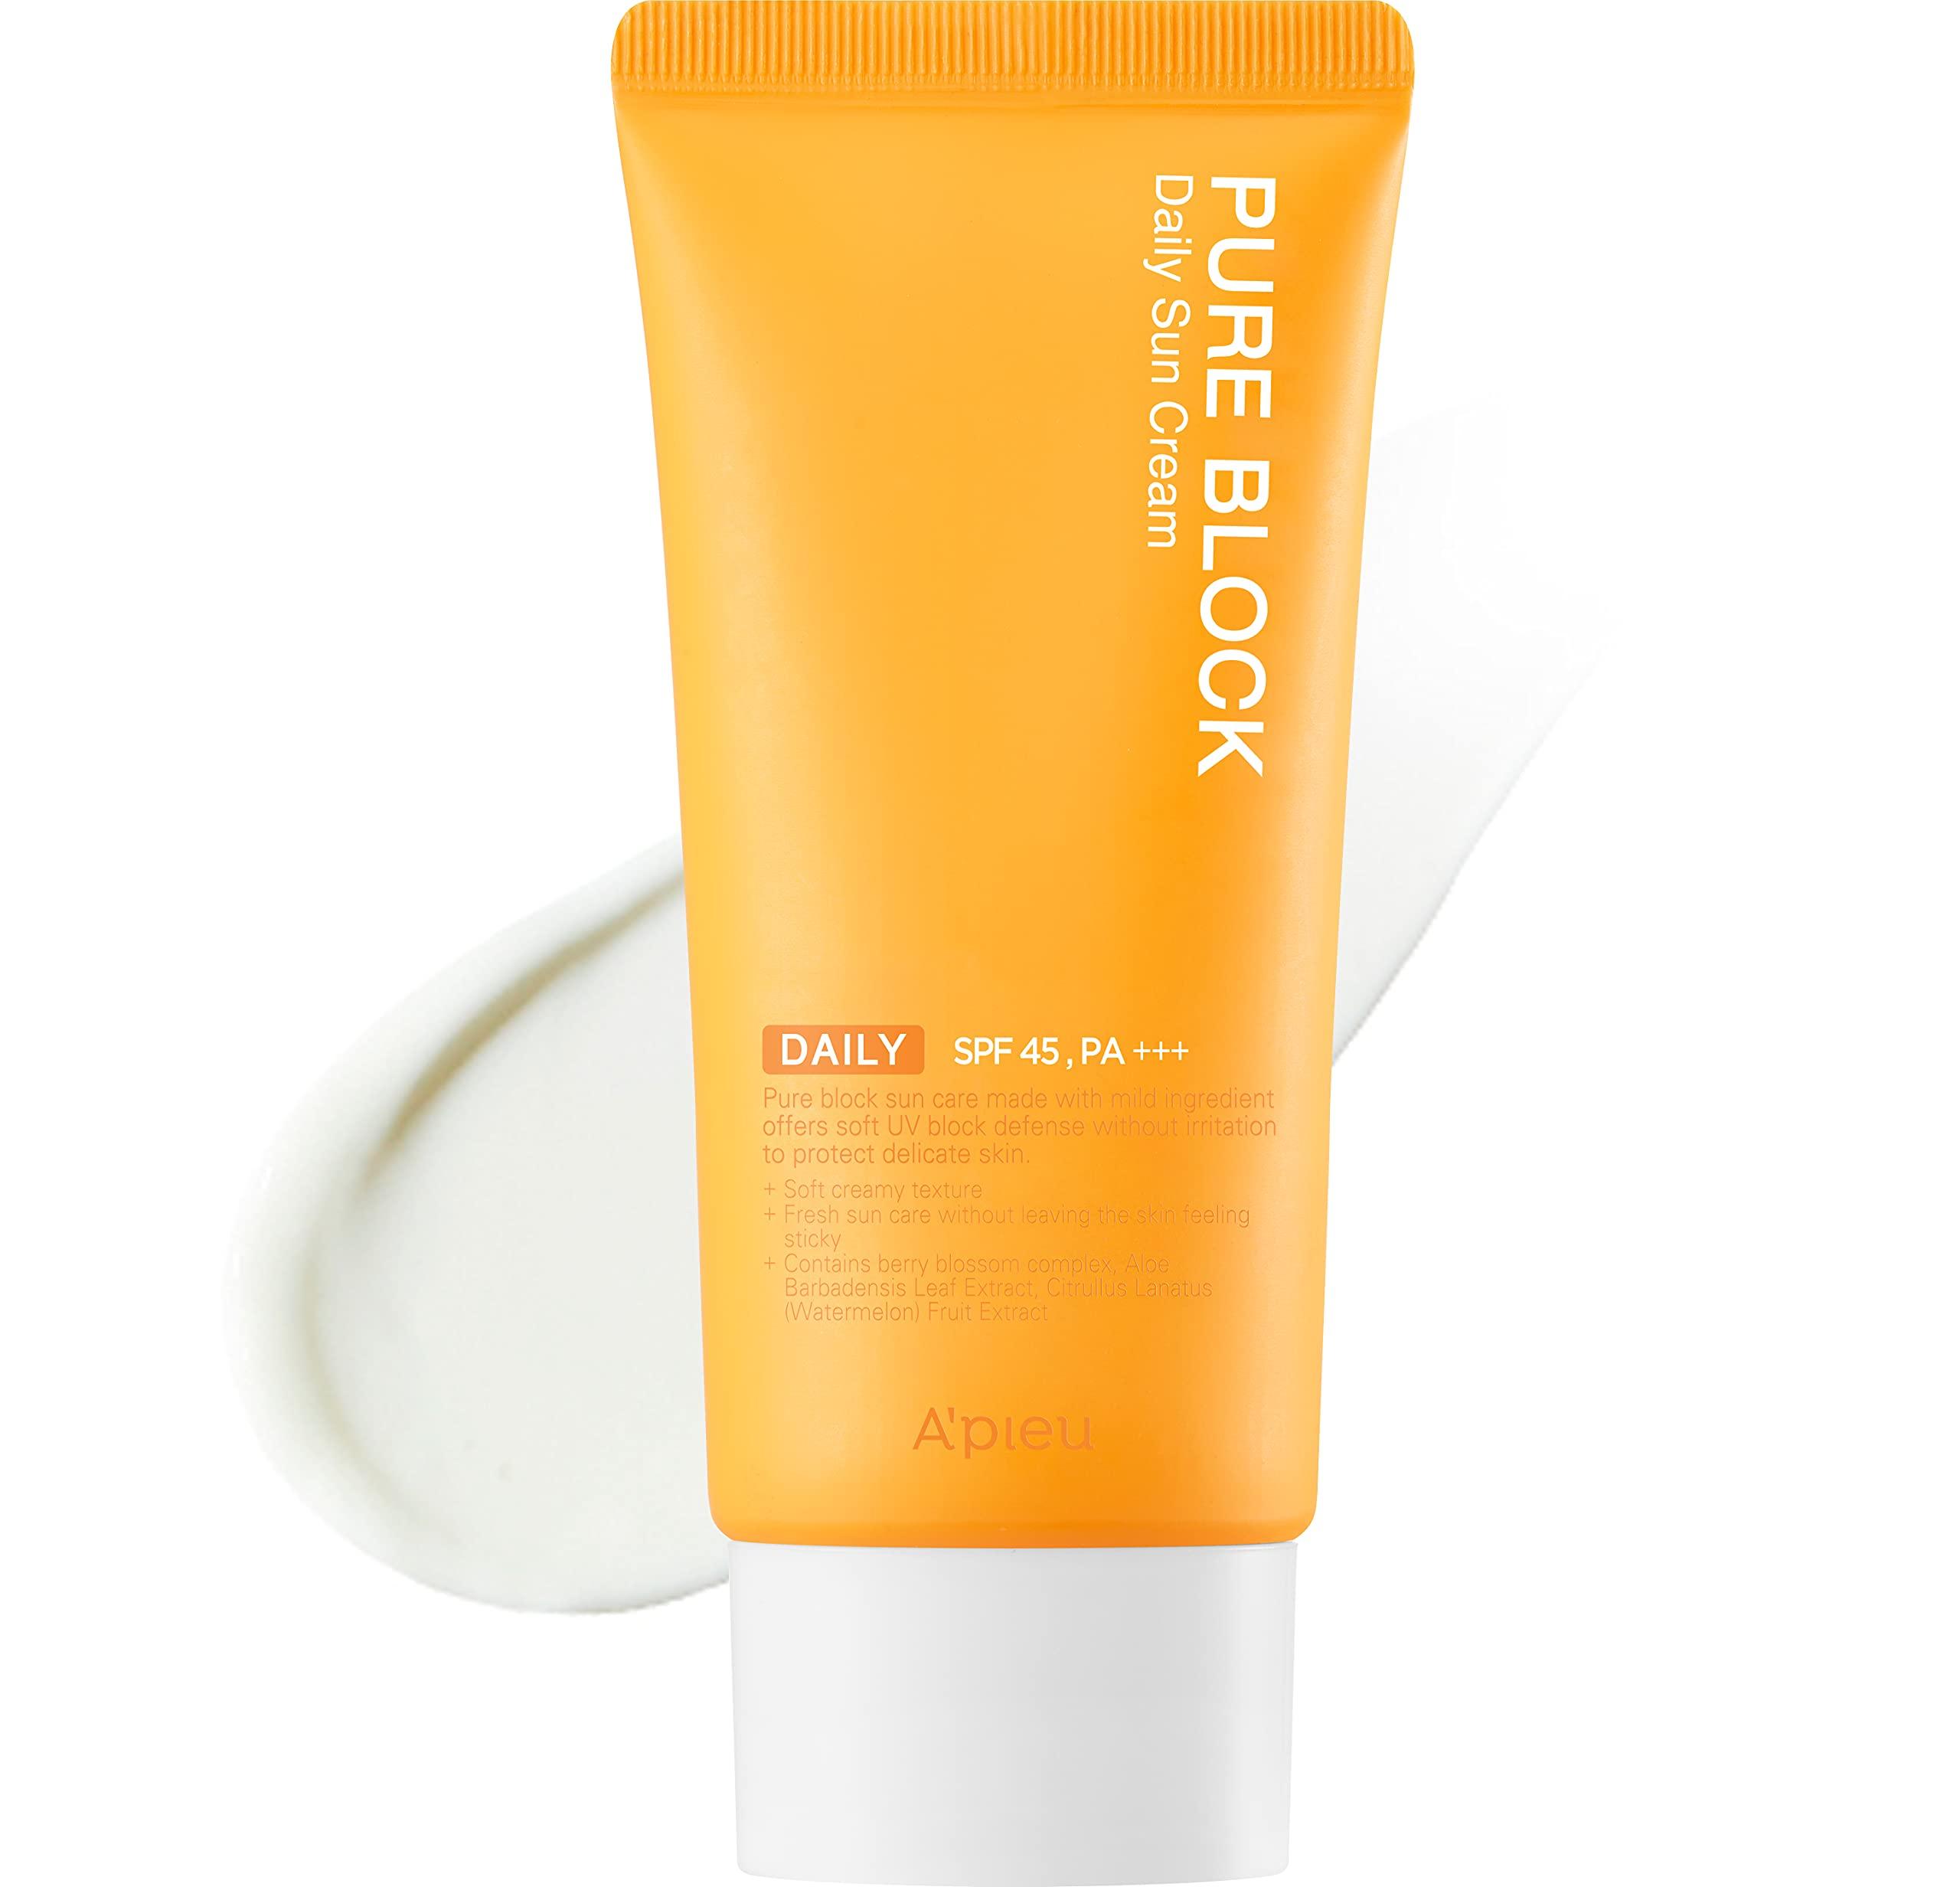 A'PIEU Pure Block Daily Sun Cream SPF45/PA+++ 50ml | Non-Greasy No White Cast Korean Sunscreen for Face